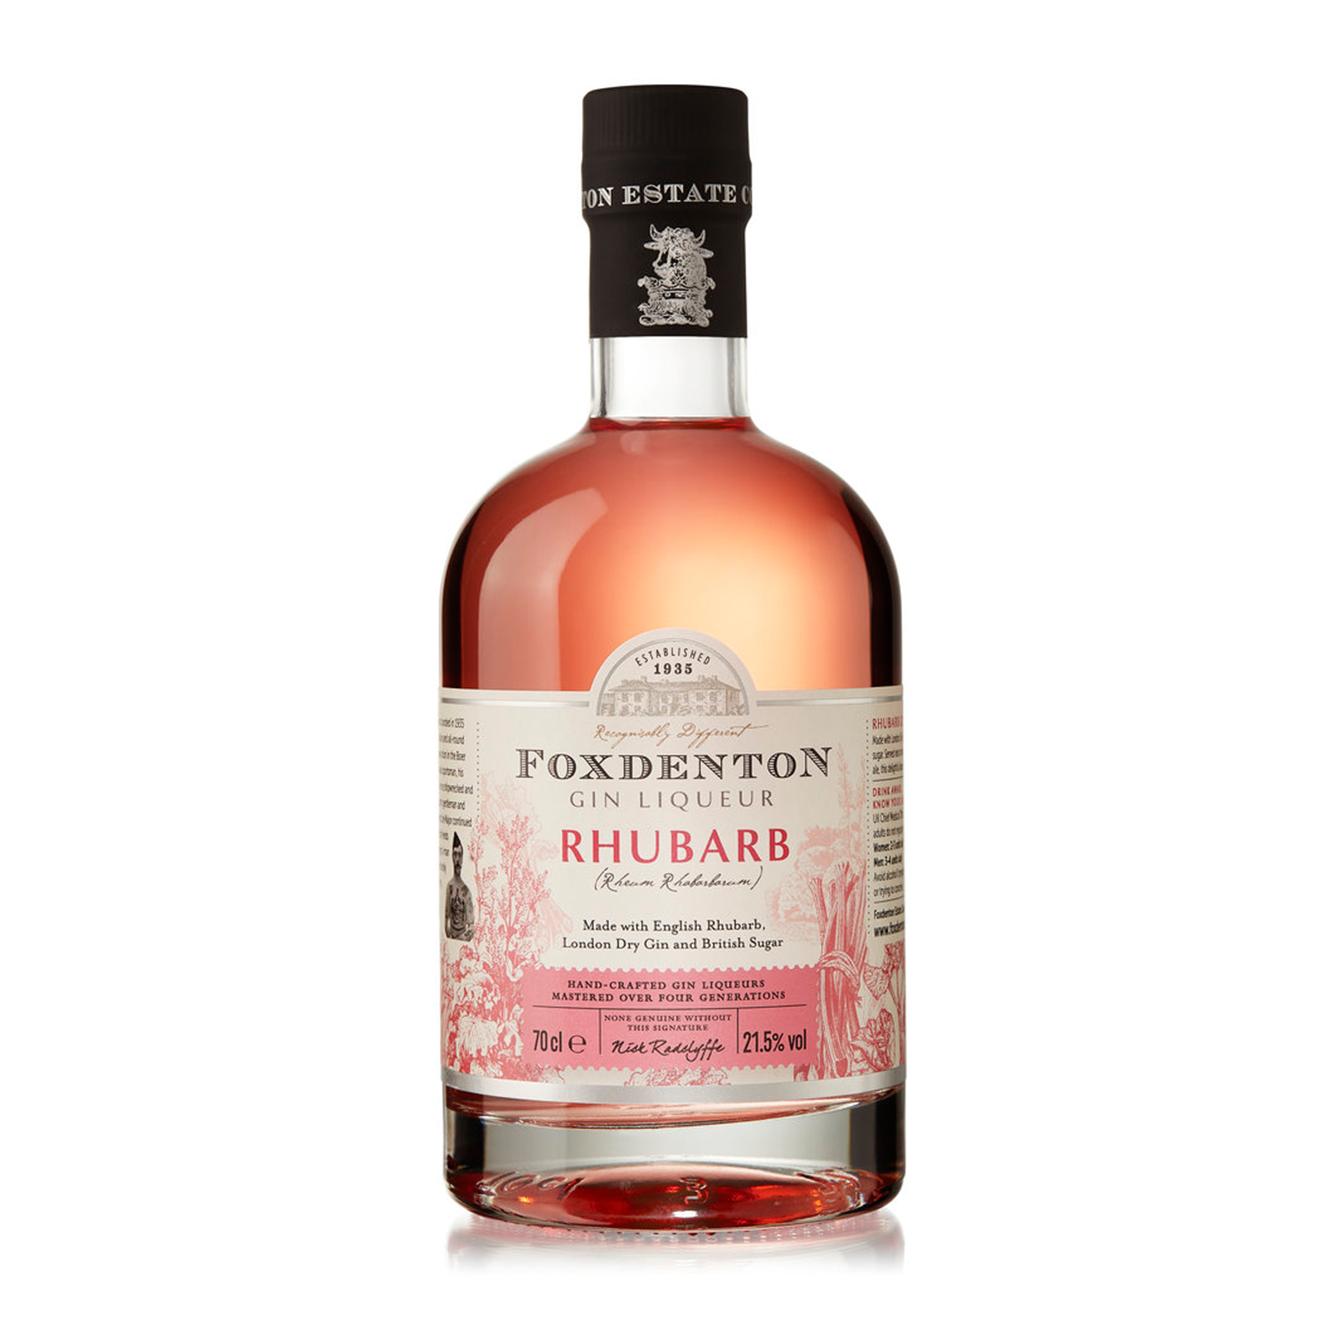 Foxdenton Rhubarb Gin Liqueur